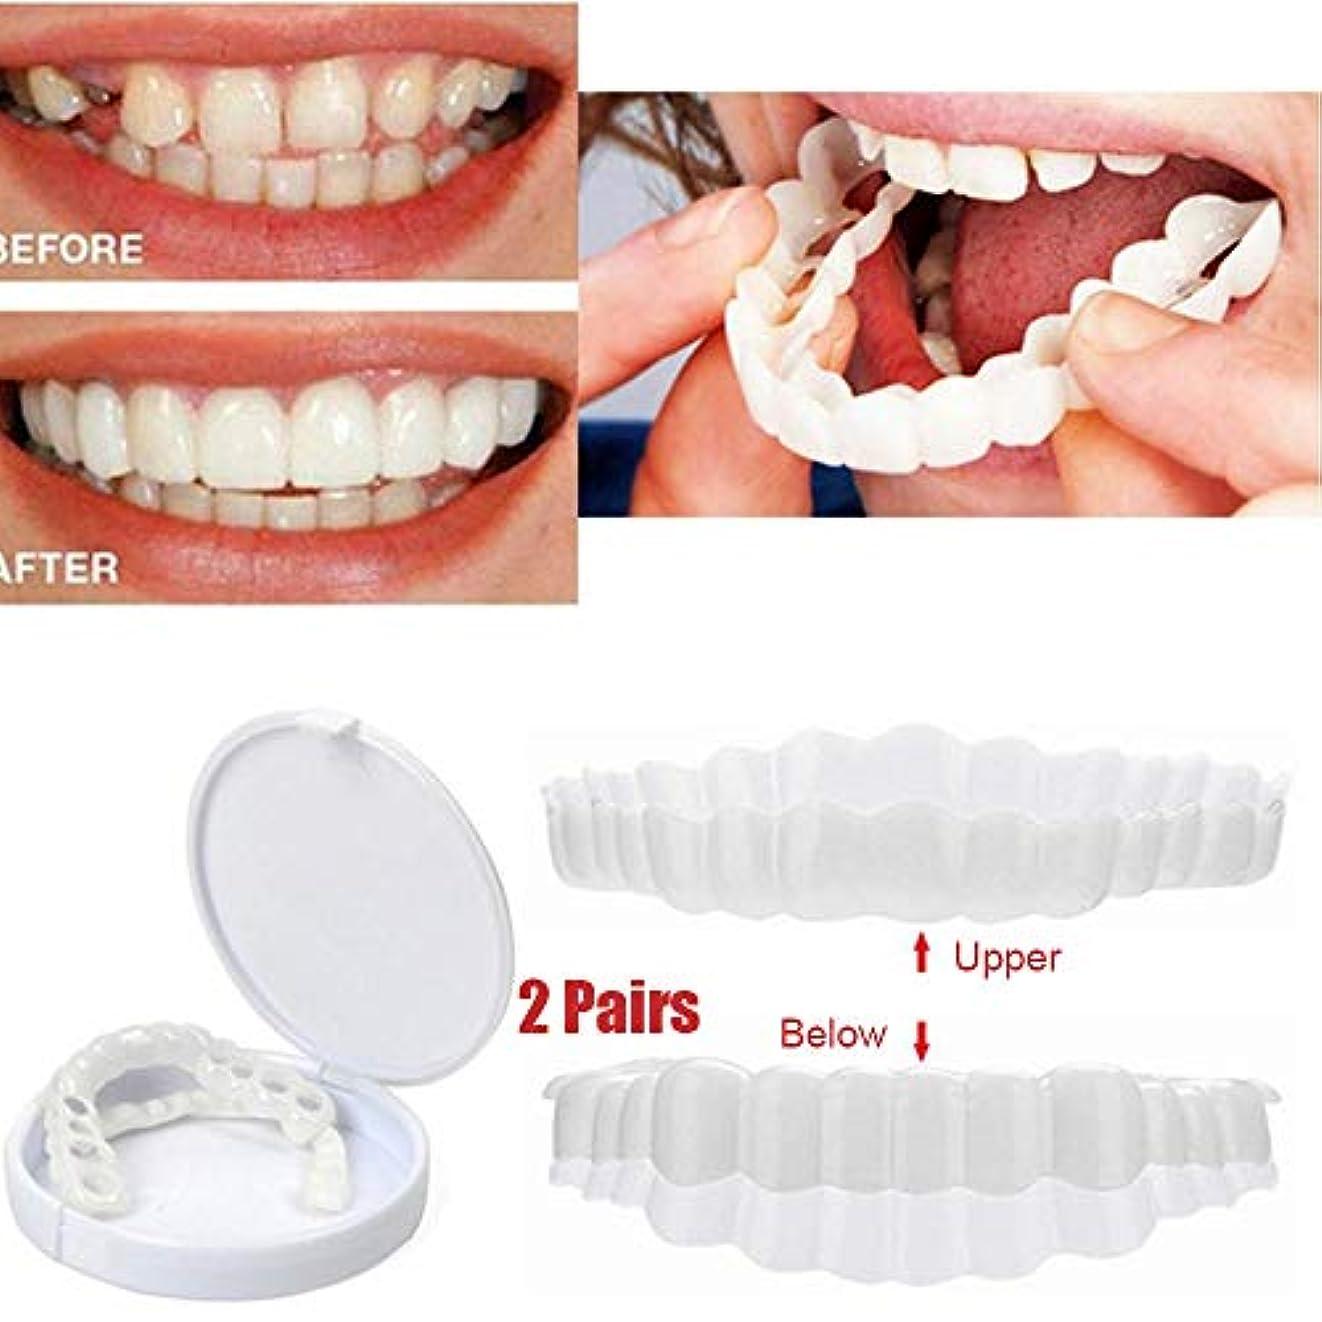 招待有効写真の白くなるベニヤ歯美容メイクアップ歯快適で柔軟な歯のケアケア自信を持って笑顔黄色い歯悪い歯ホワイトニングオーラルケア(2ペア)